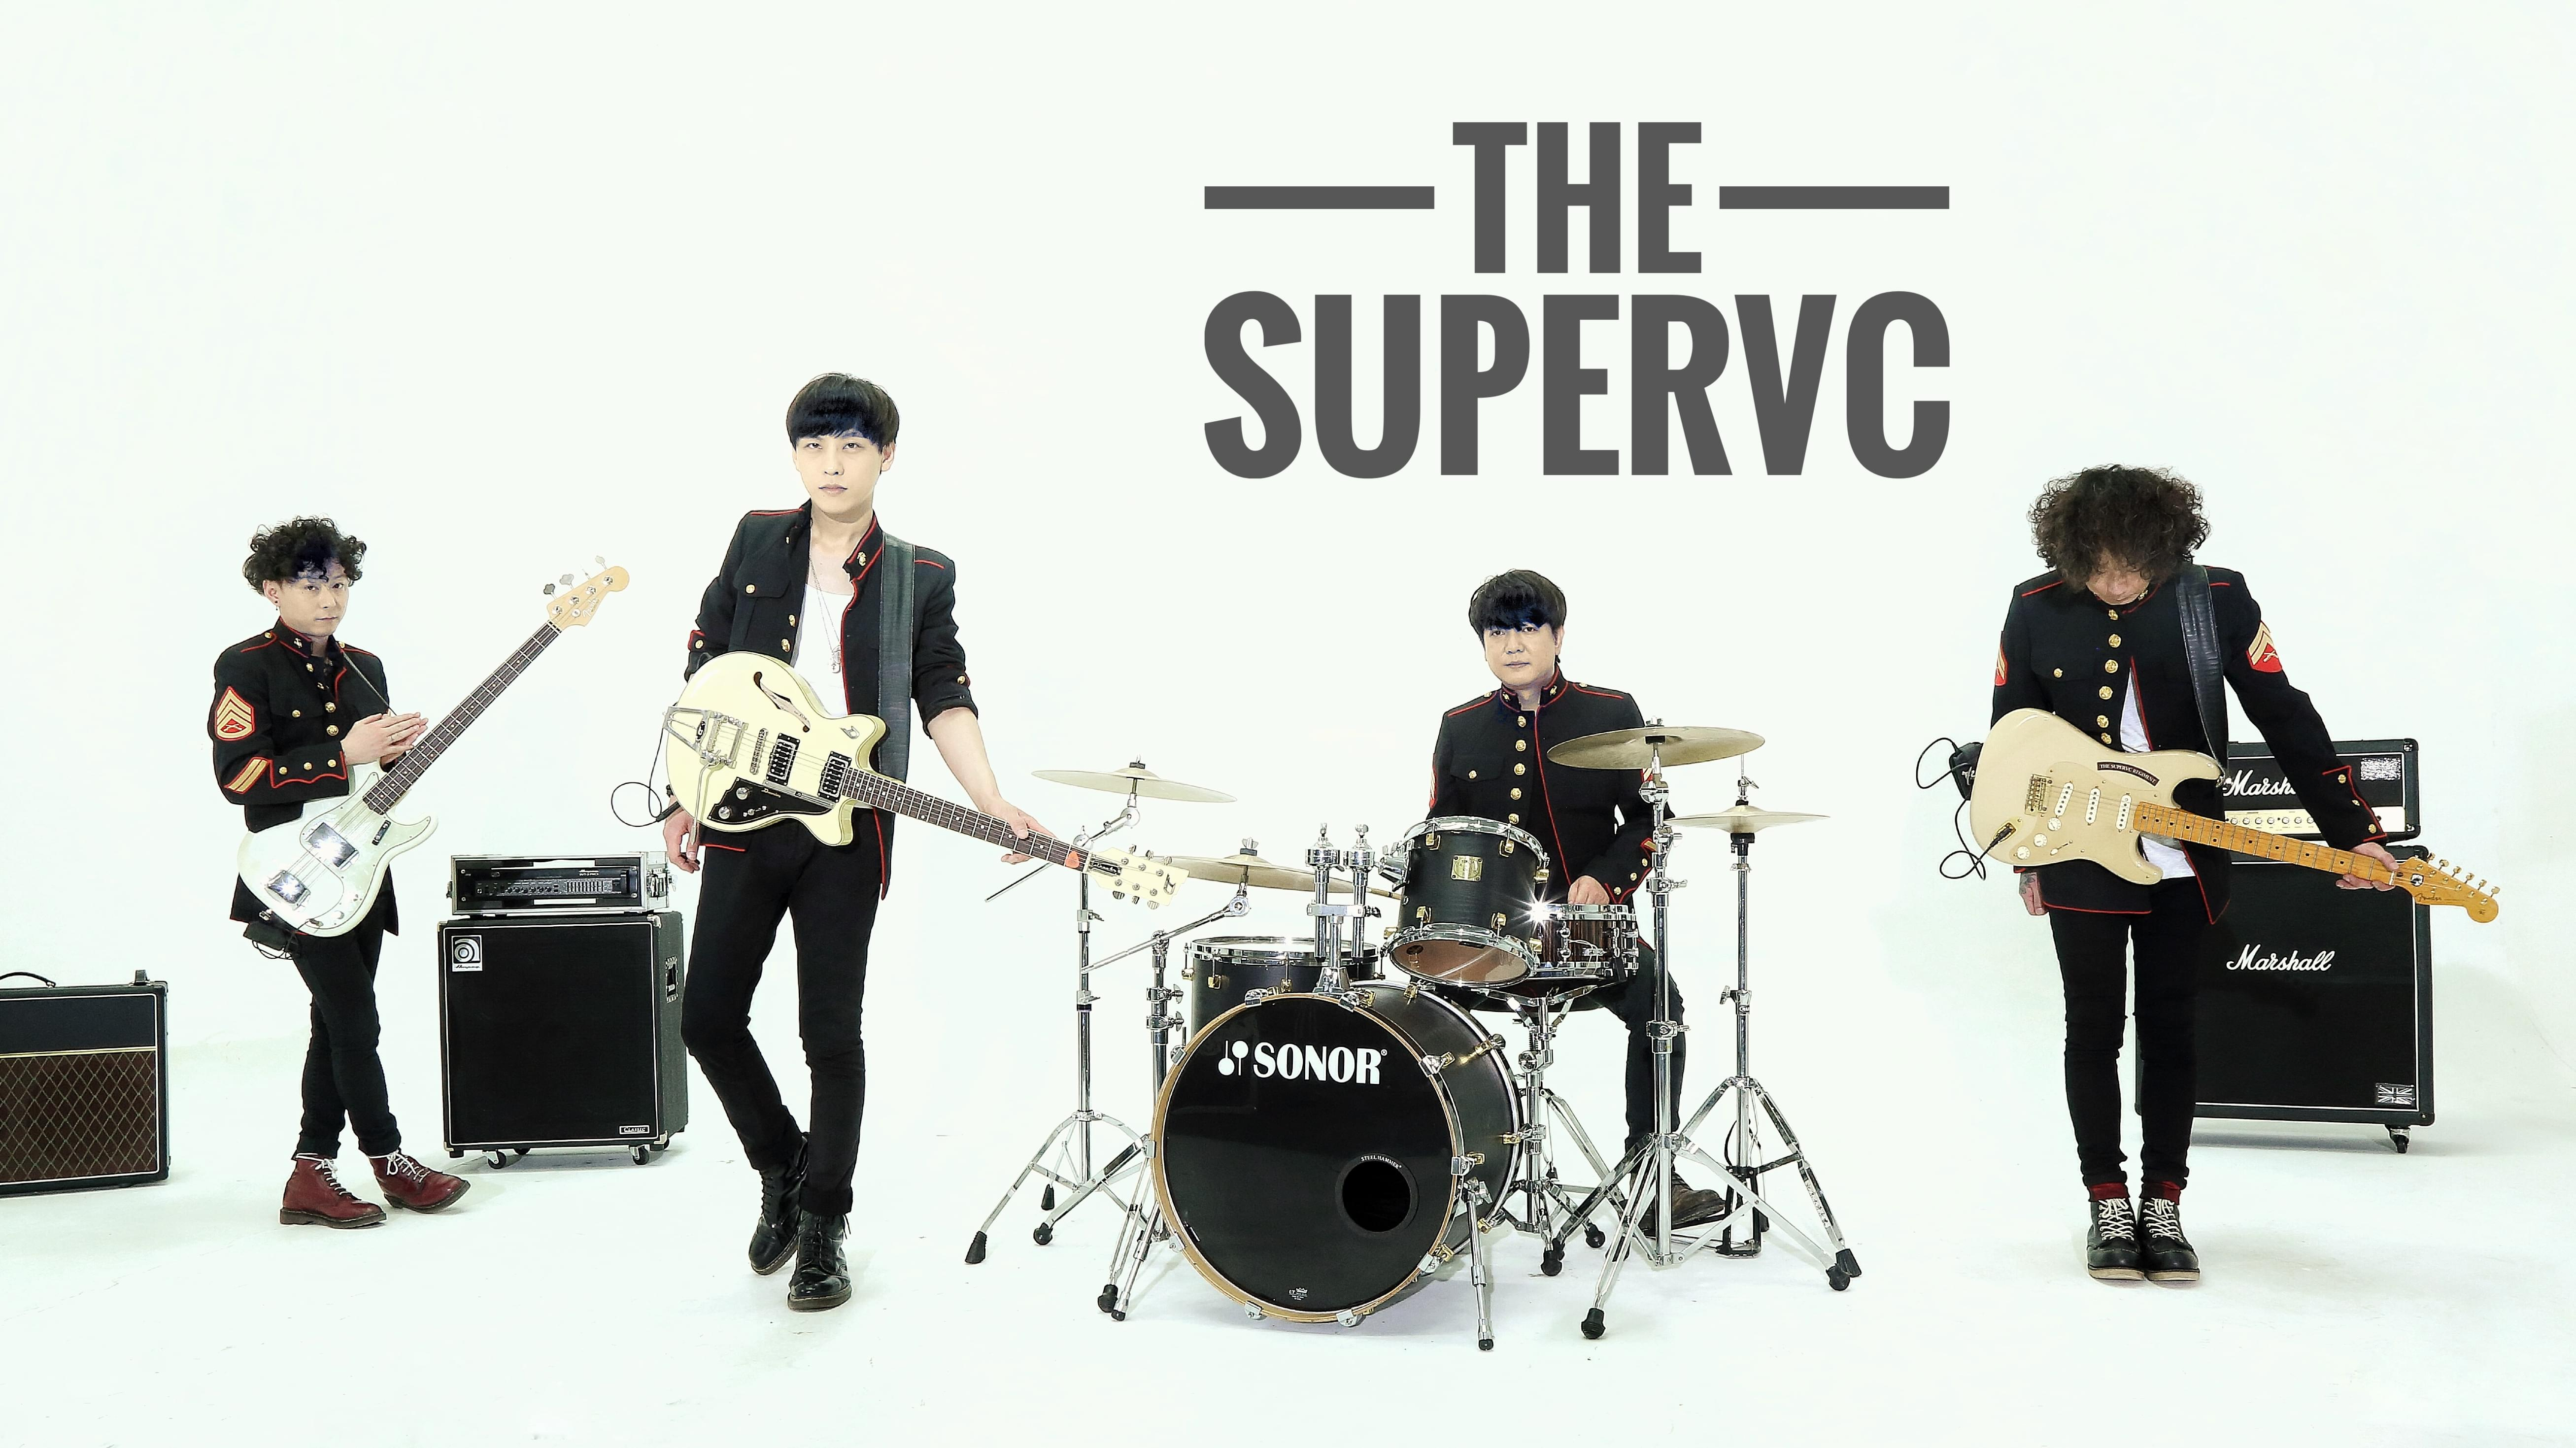 果味VC《躁不完的青春》MV 演绎英伦摇滚绅士